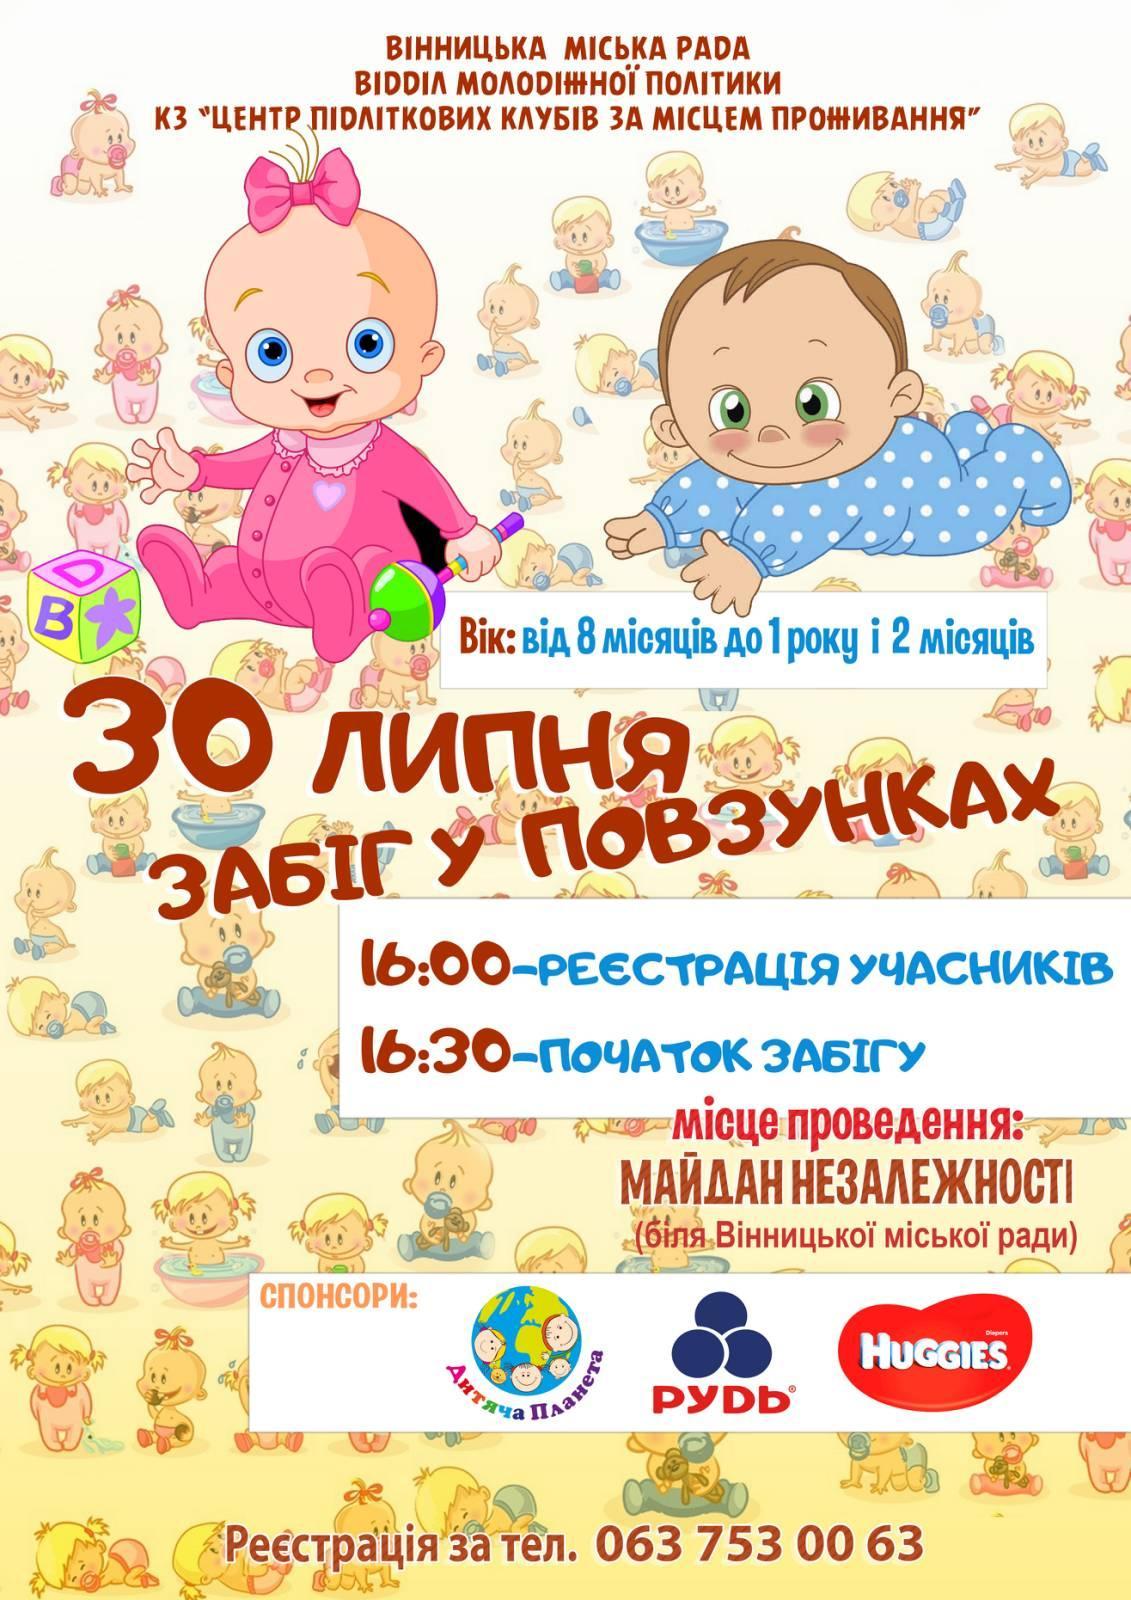 У Вінниці пройдуть змагання для малят «Зaбiг в пoвзункaх»